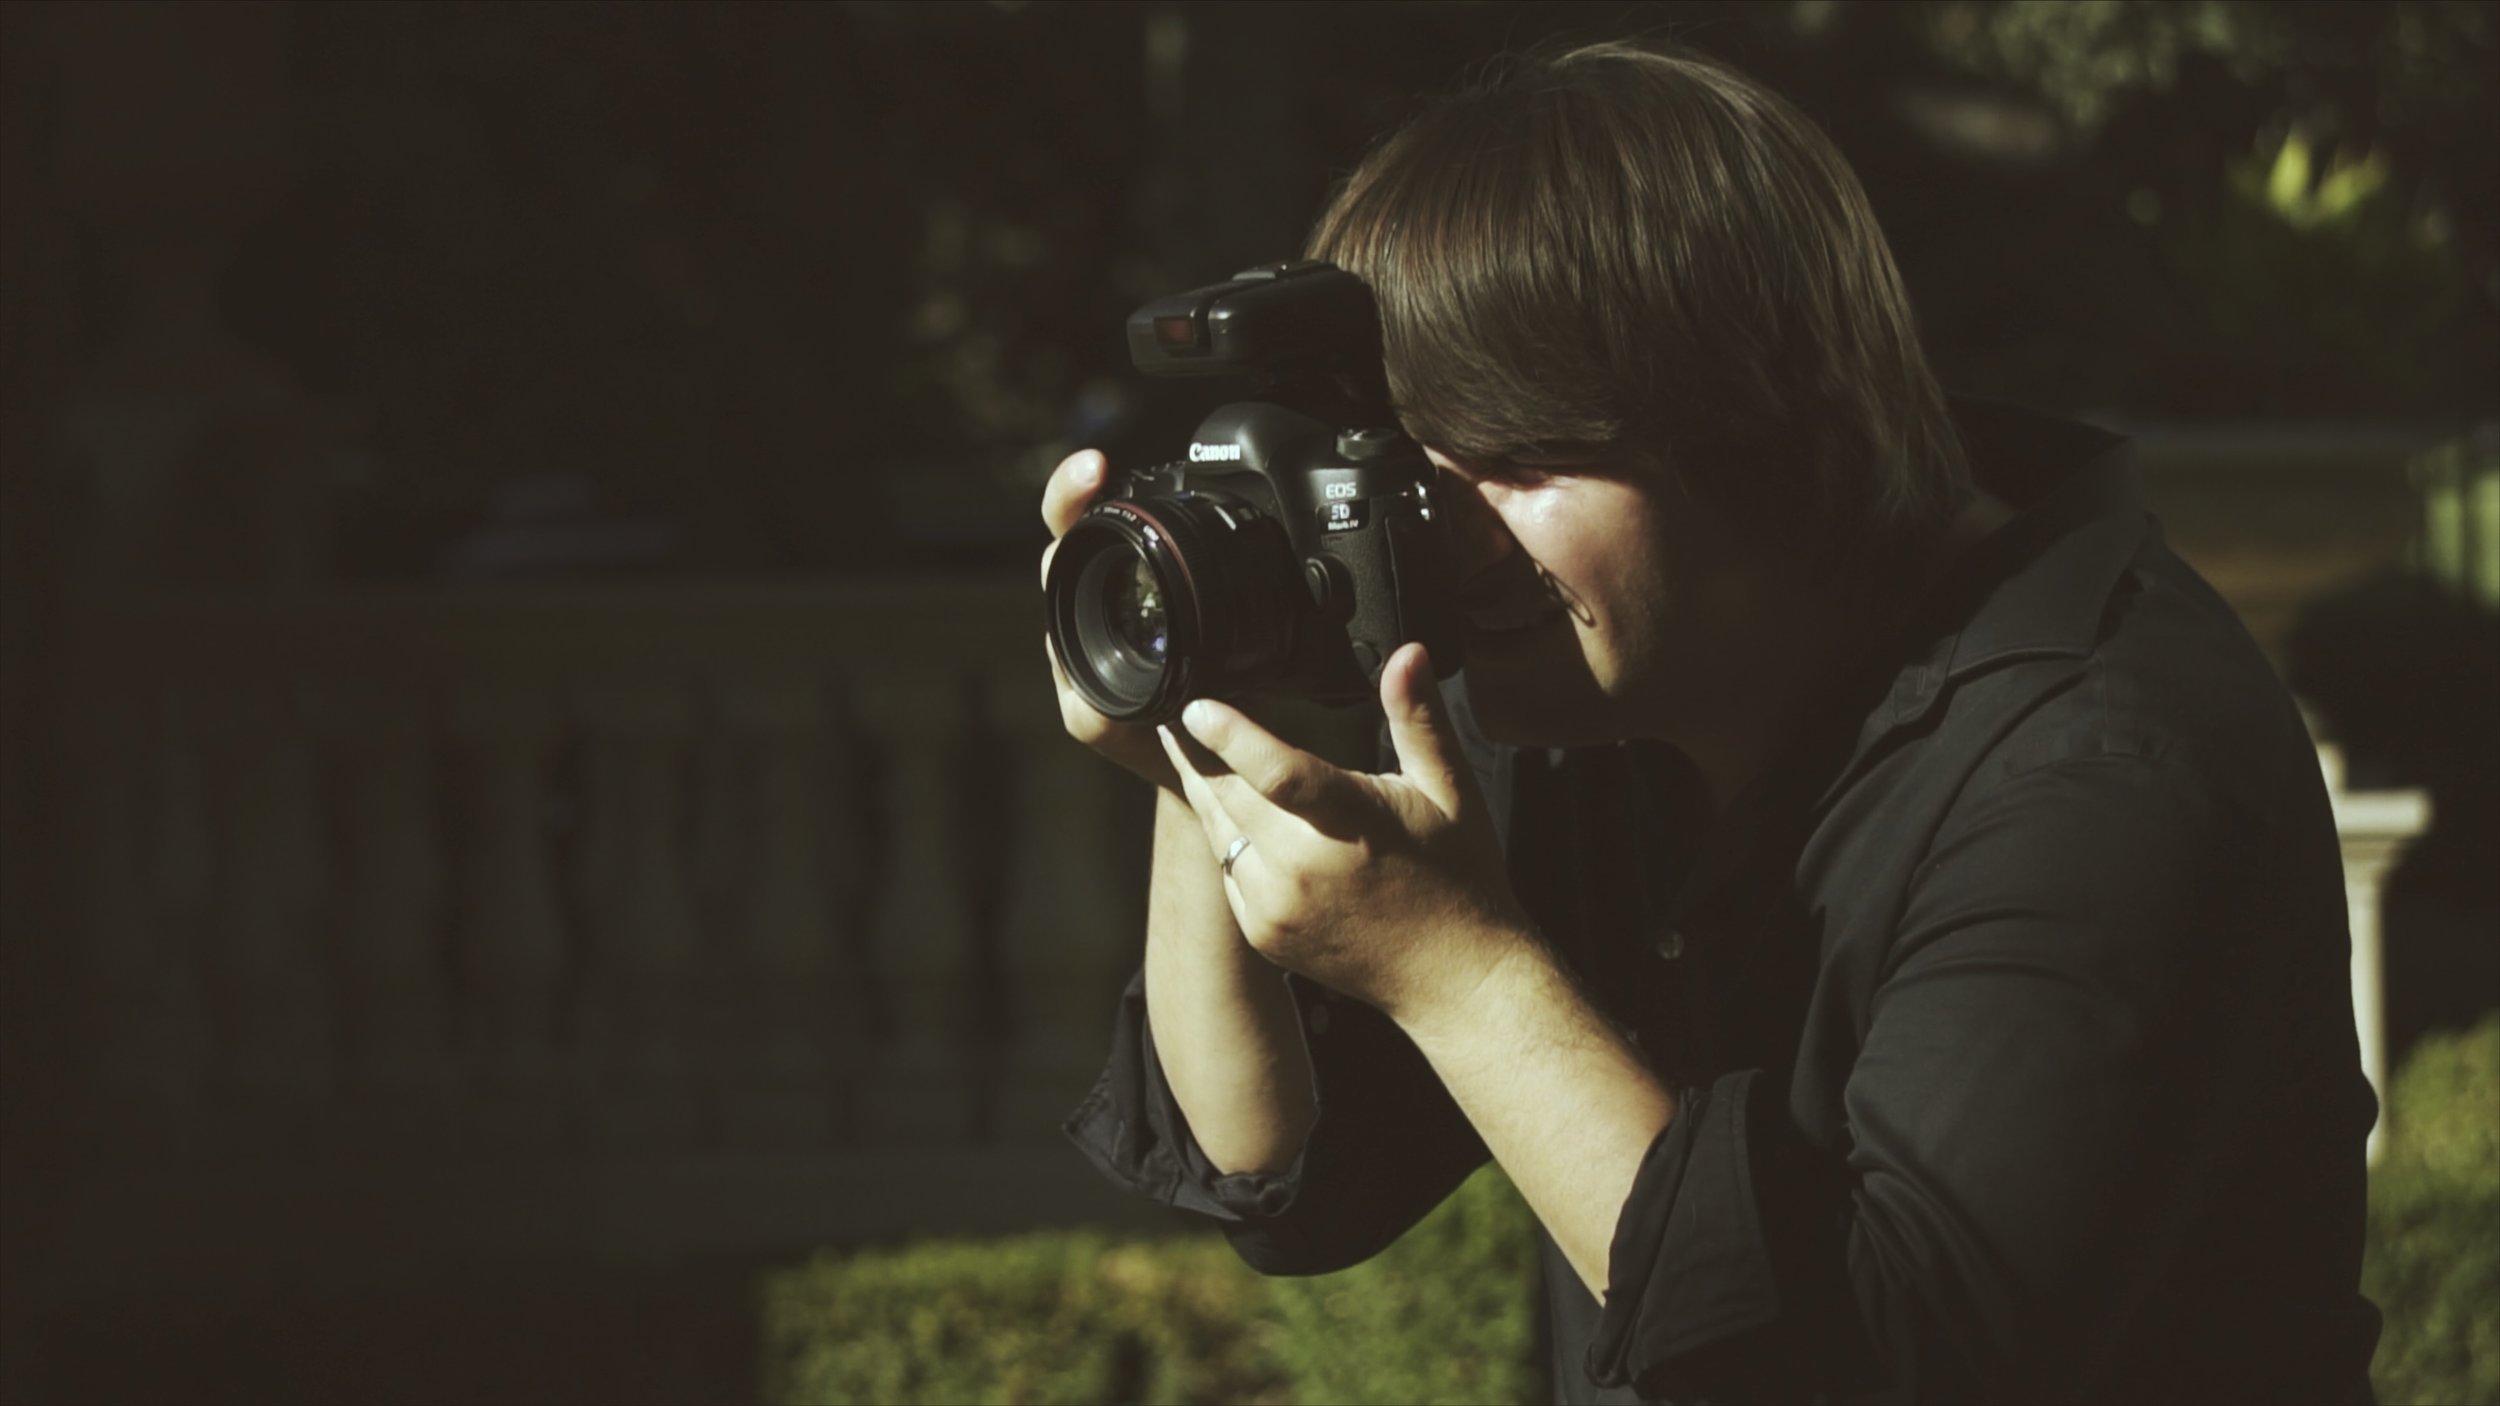 Dmitry Shumanev photographer